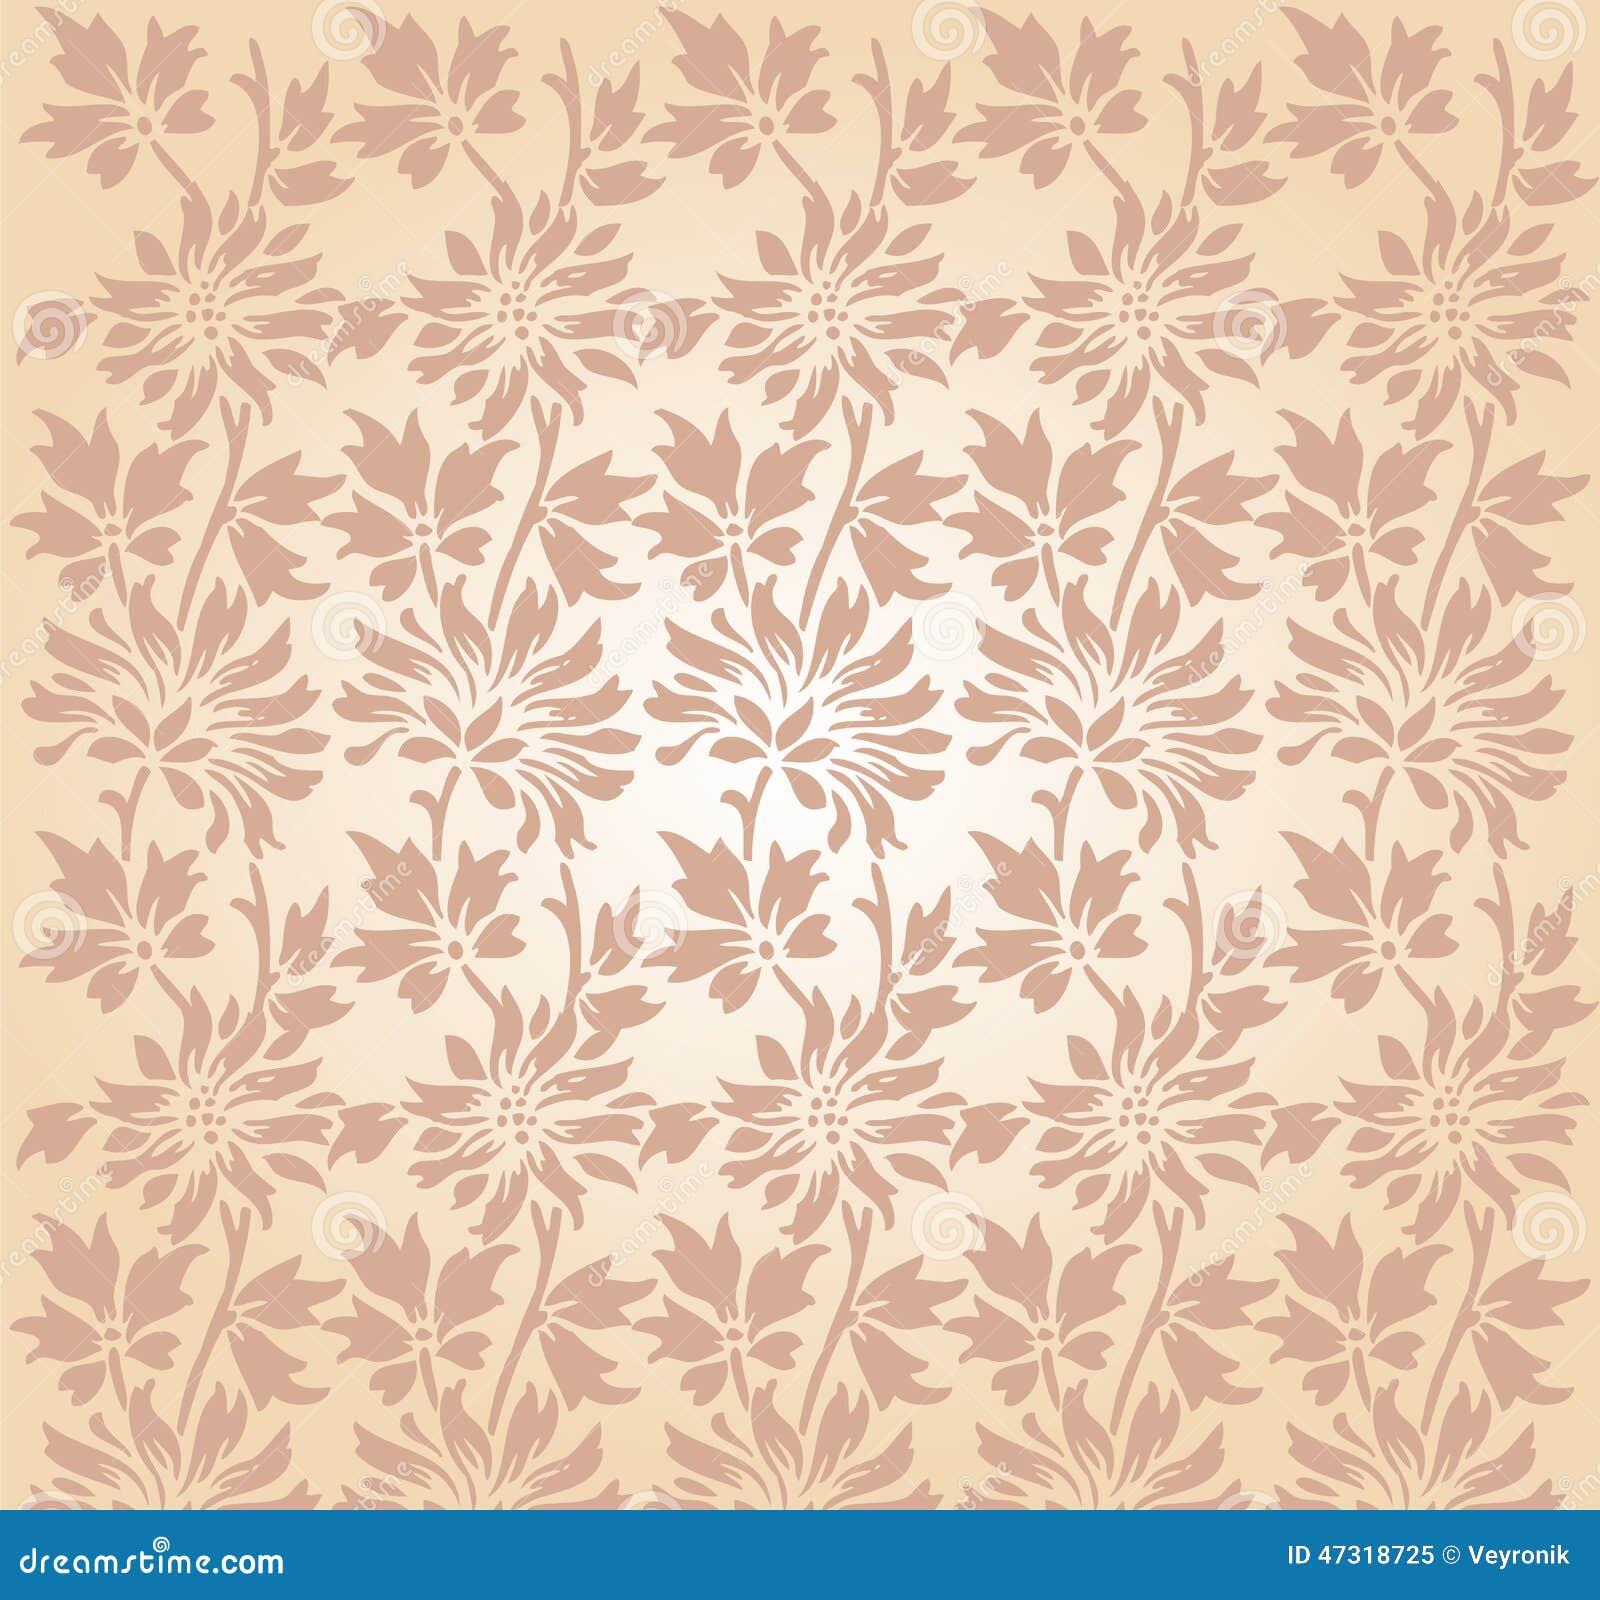 antique cream wallpaper - photo #14